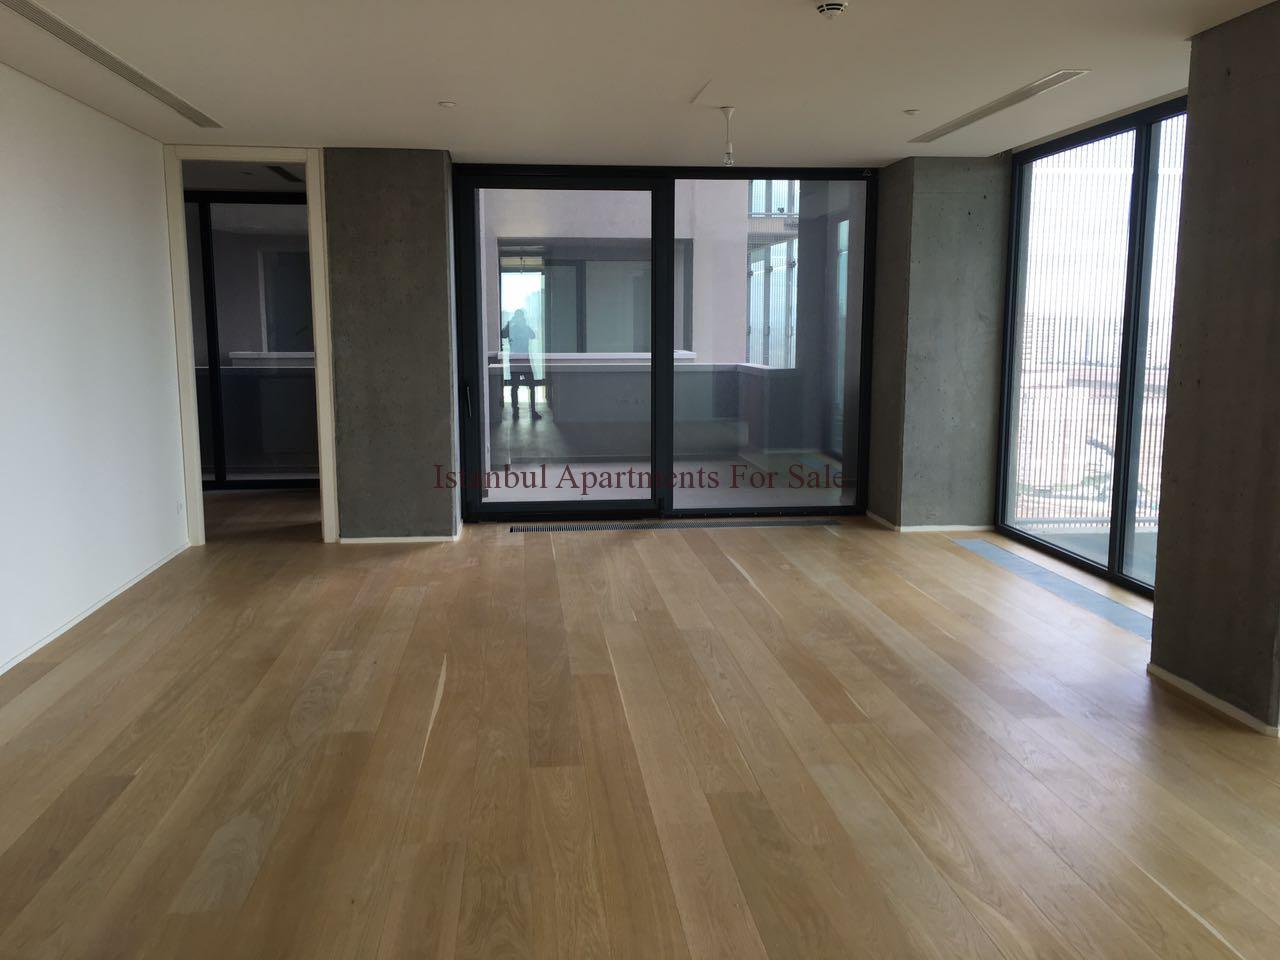 Buy Luxury Apartments in Bahcesehir Istanbul Turkey  Istanbul Apartments For Sale in Turkey